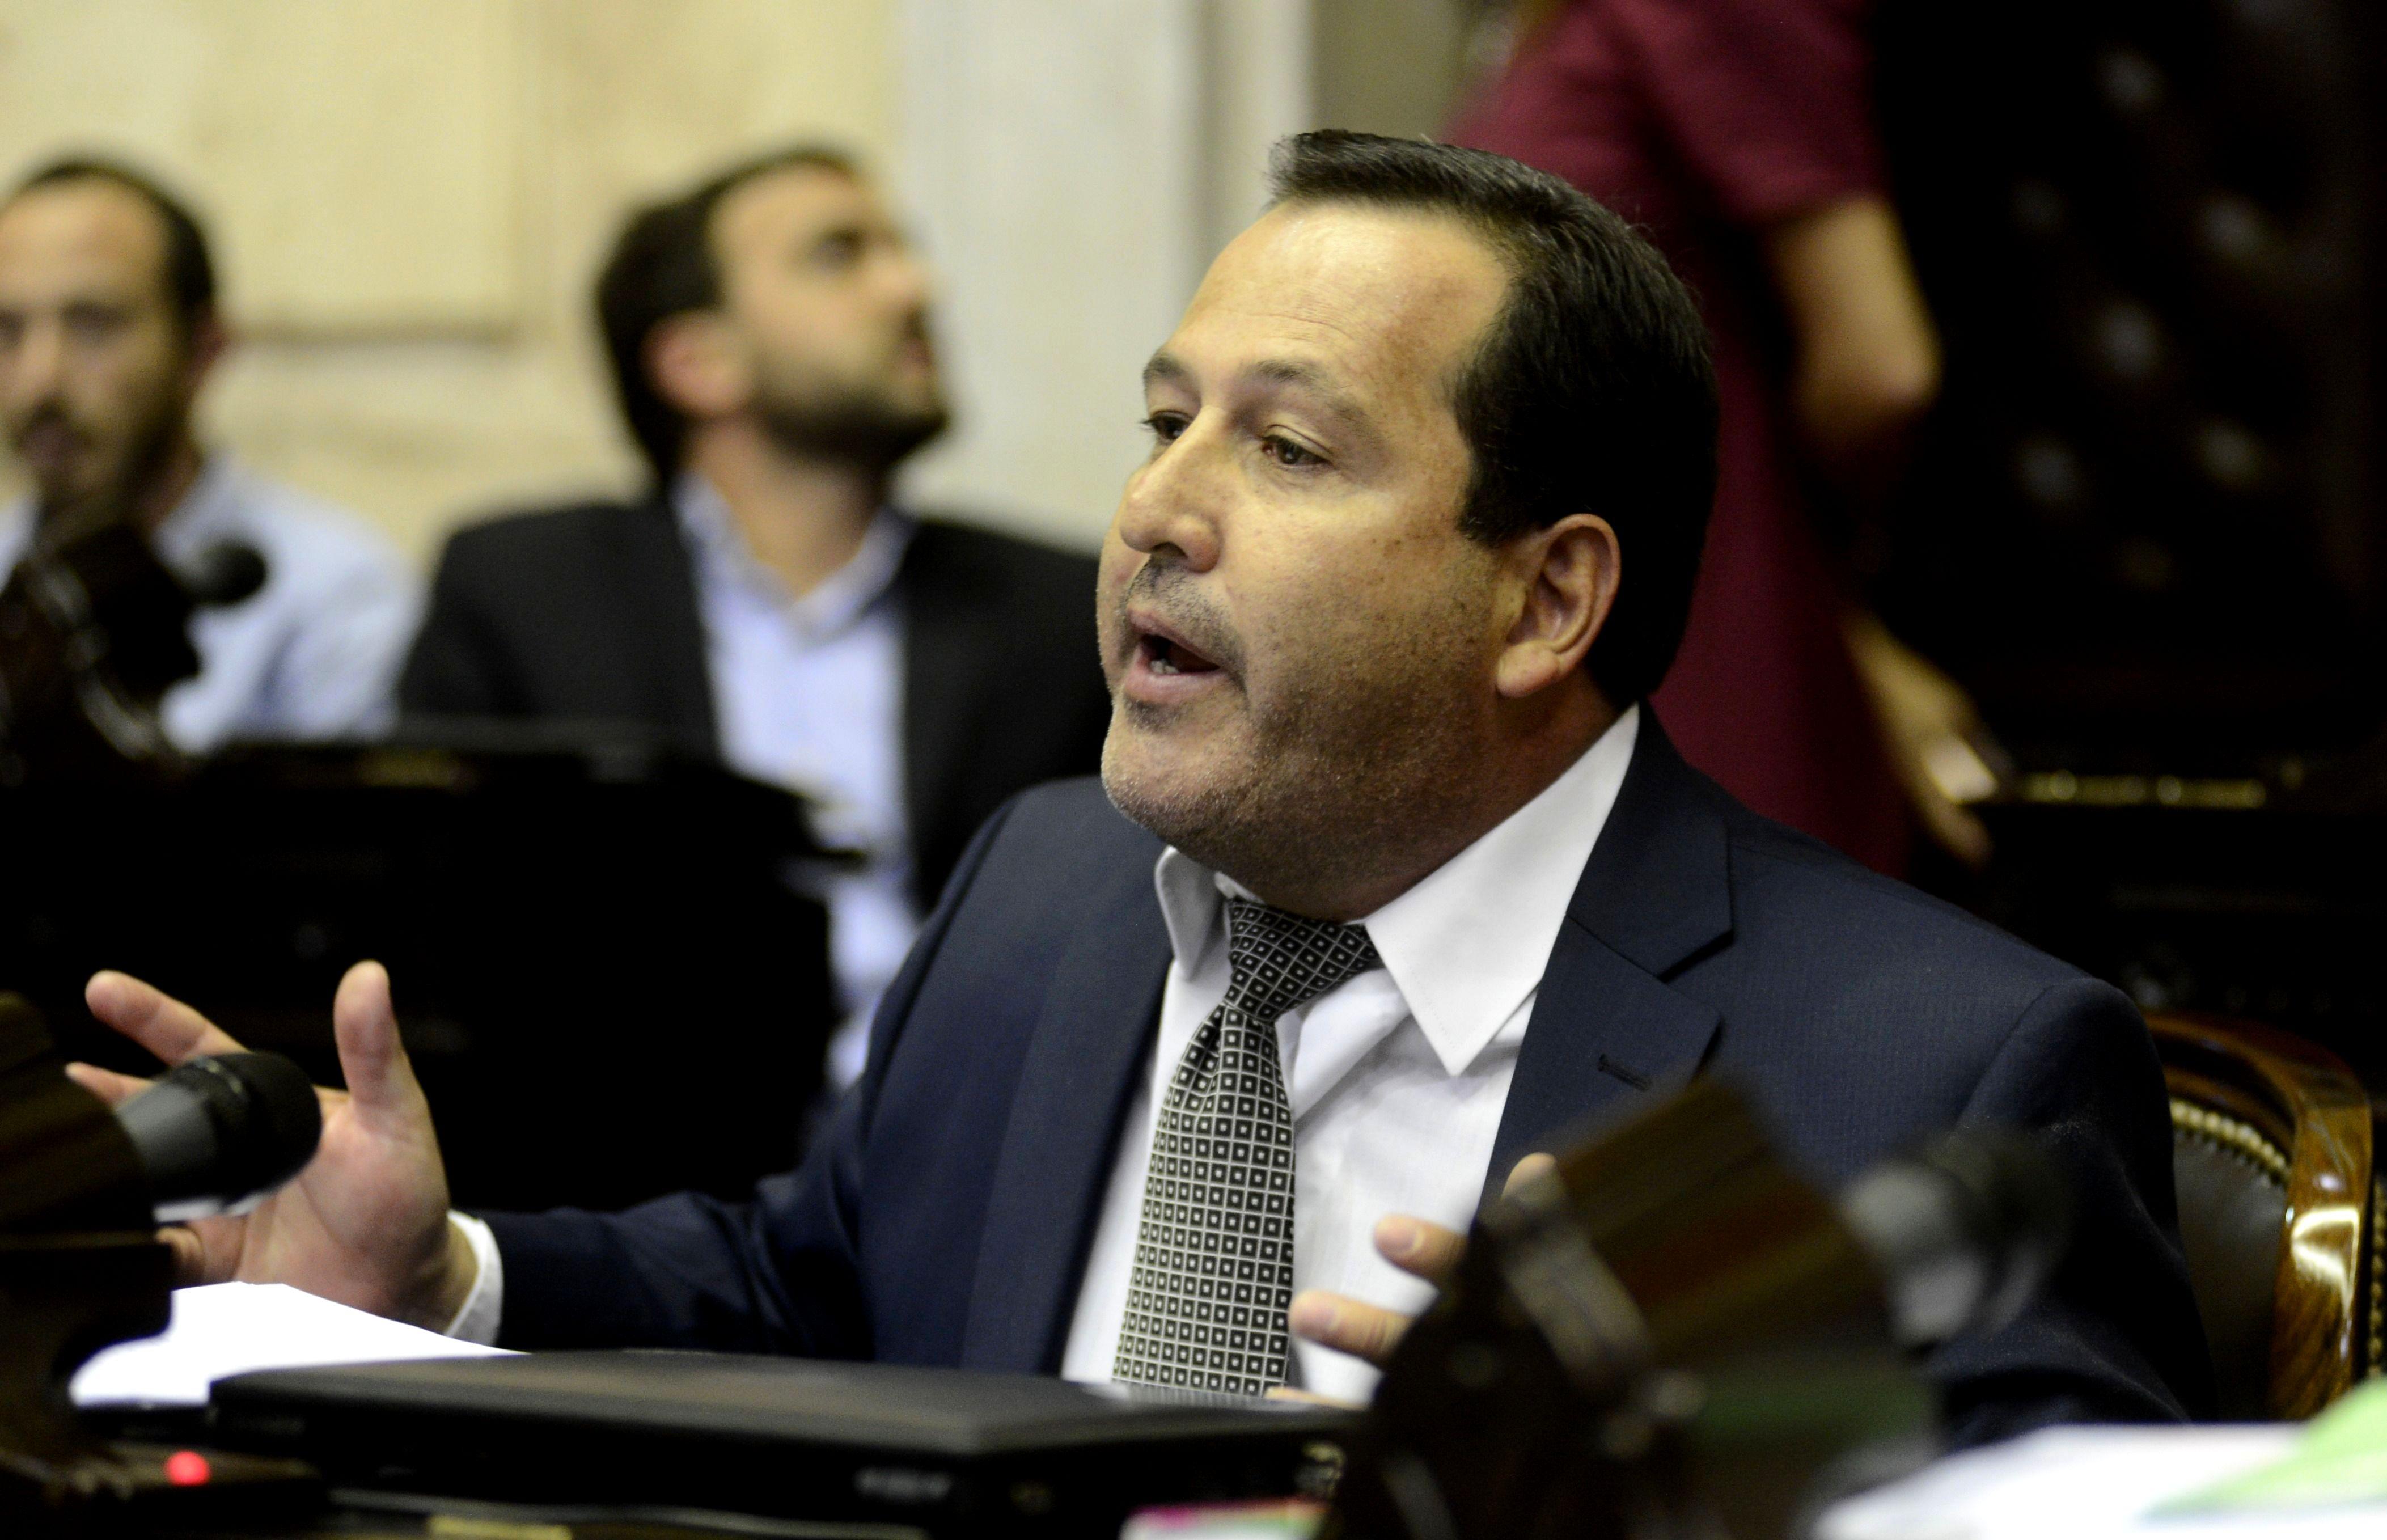 Alejandro Snopek ponderó la decisión del Ejecutivo Nacional de dar marcha atrás